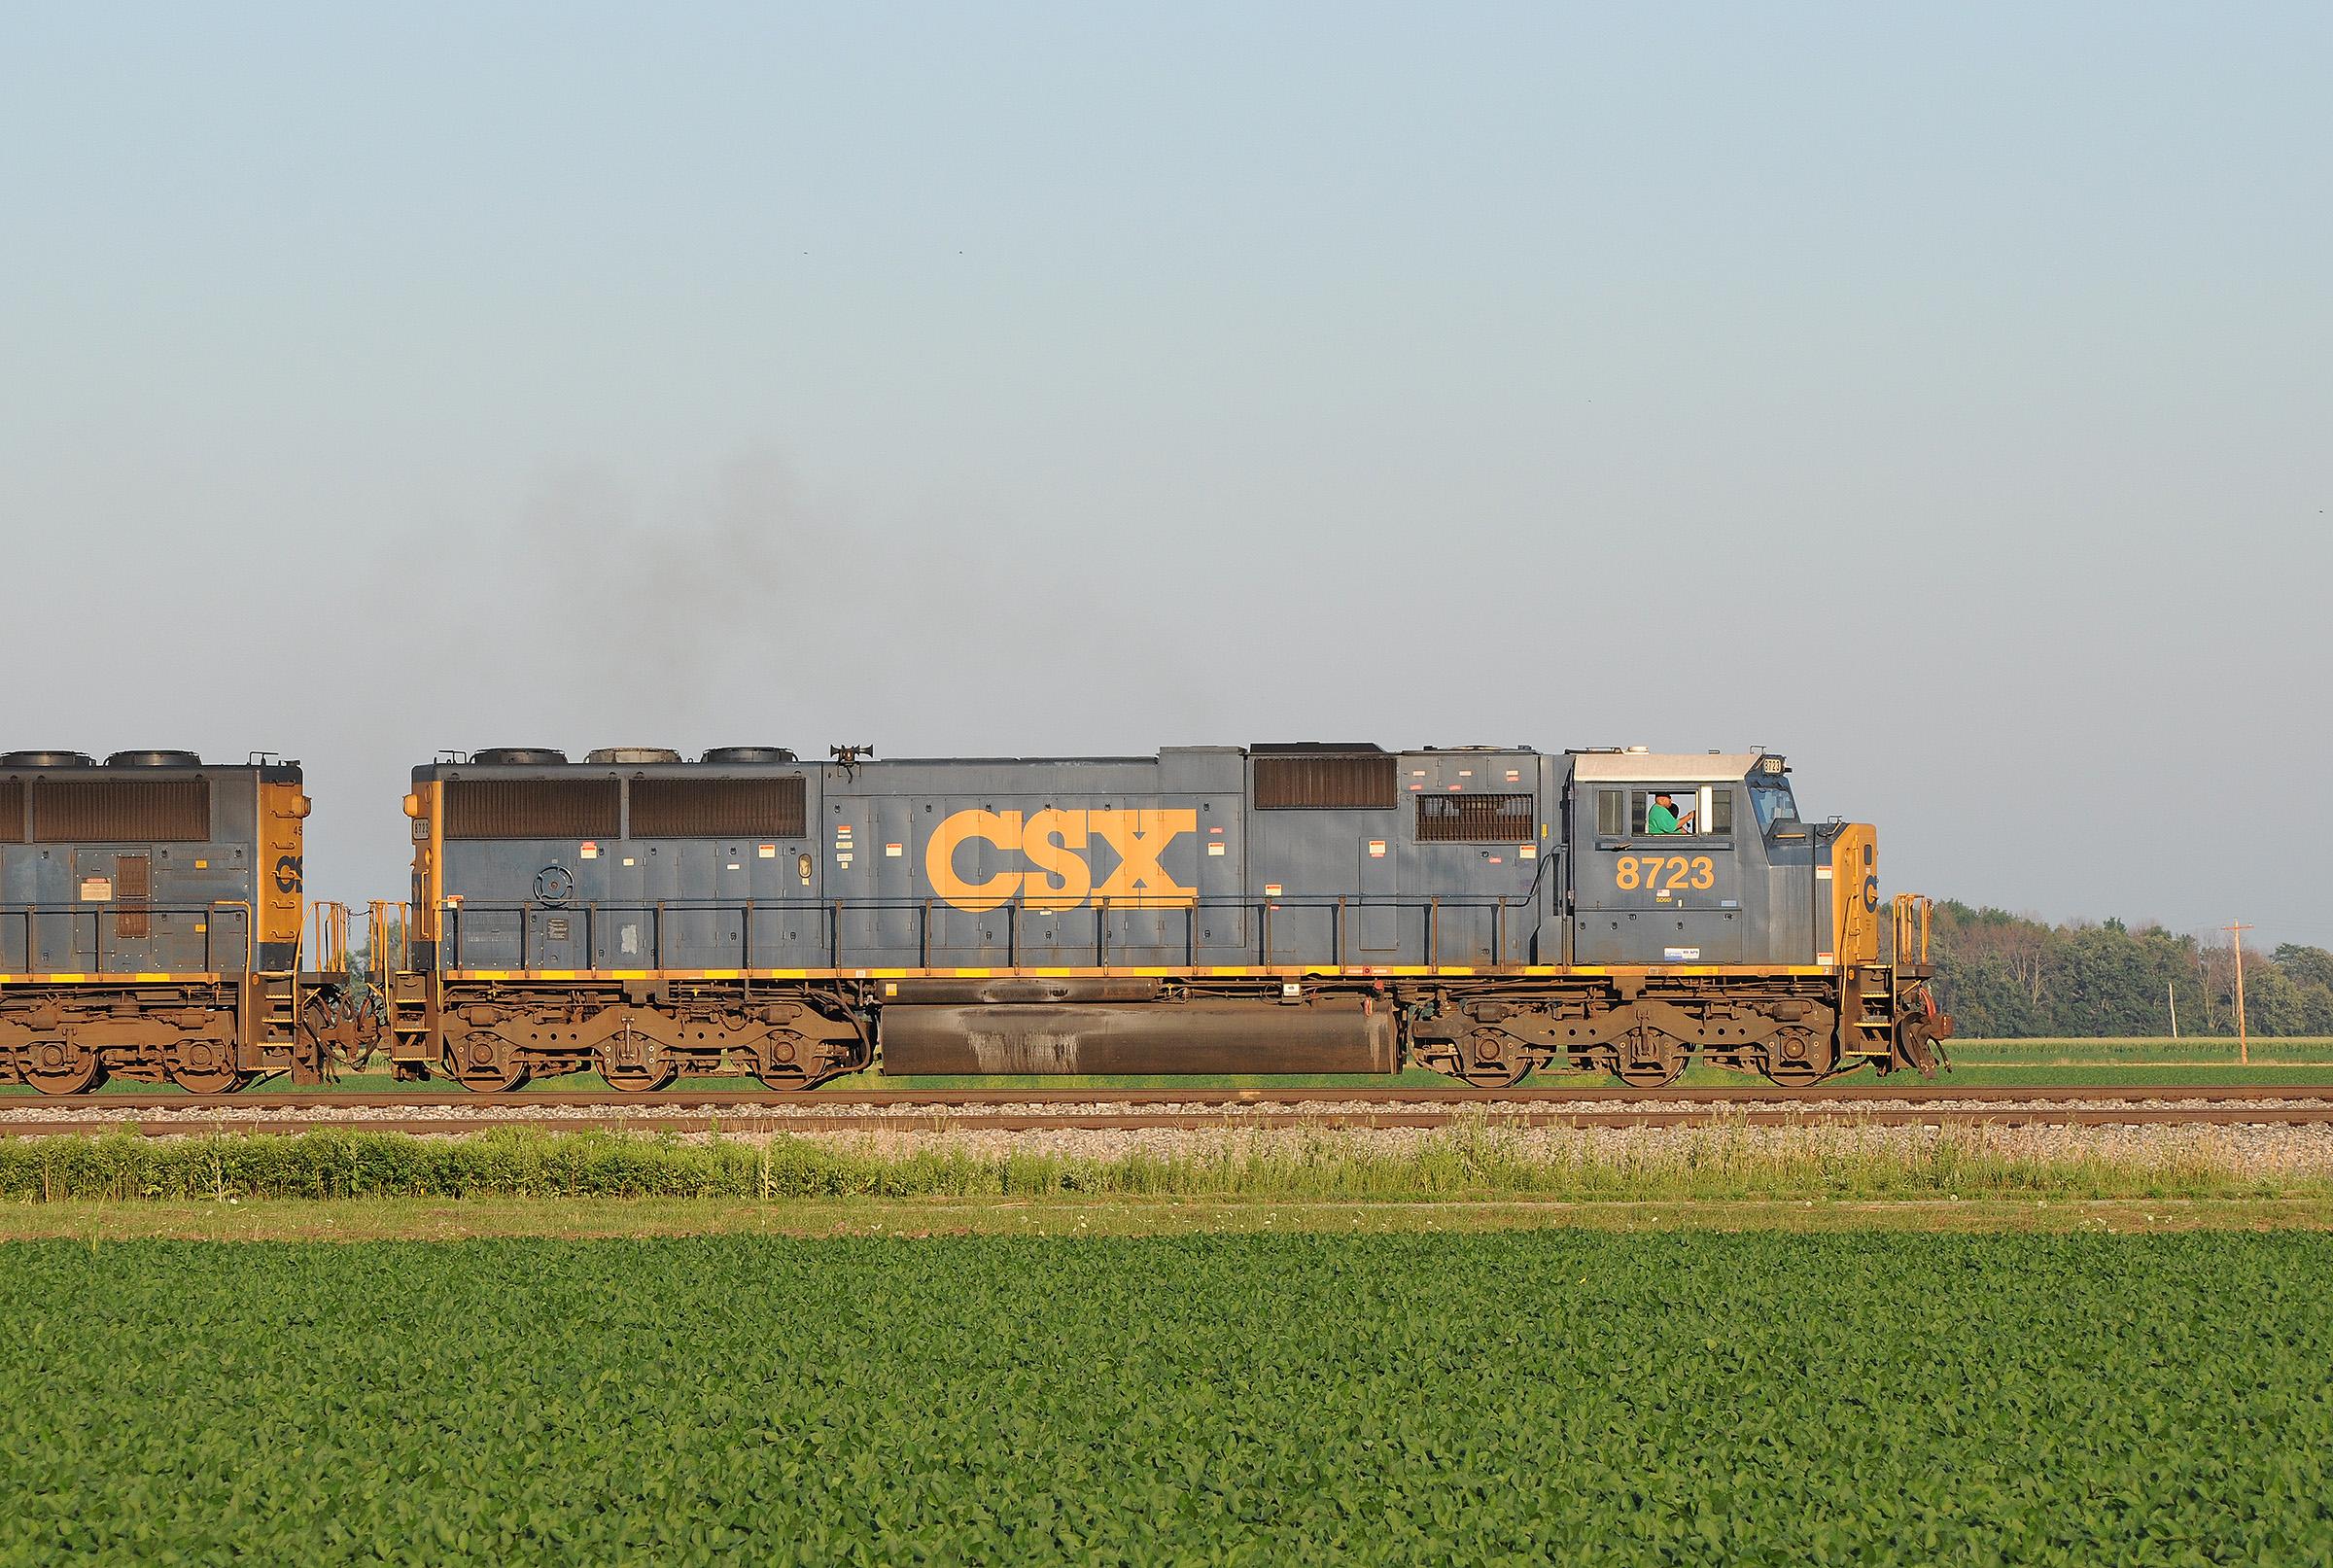 CSX8723Schmidt